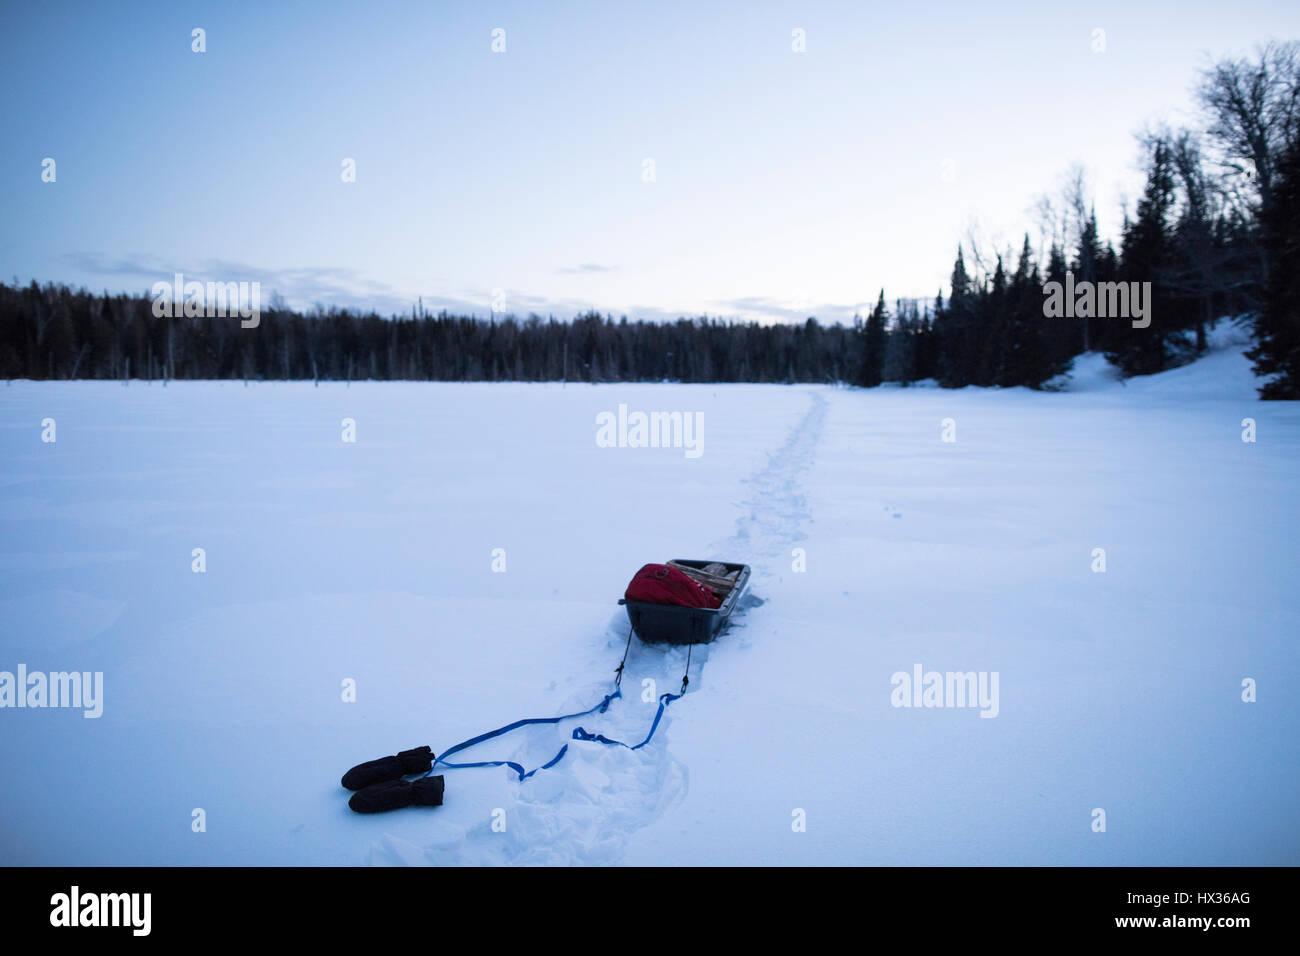 ONTARIO, CANADA - 10 Février 2017: un traîneau avec des fournitures tout en raquette sur un lac Photo Stock